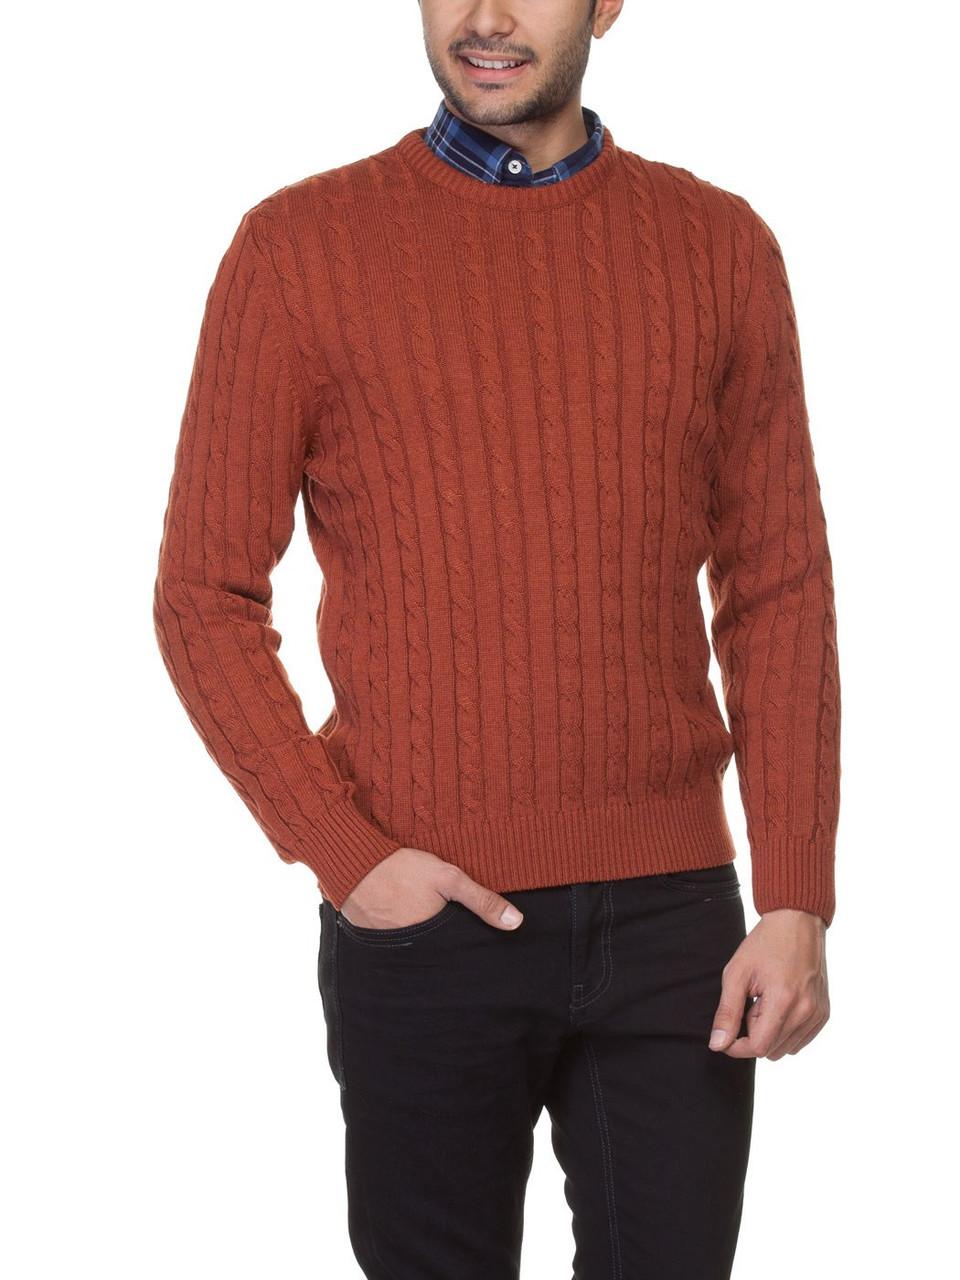 Мужской рыжий свитер LC Waikiki с мелкими косицами